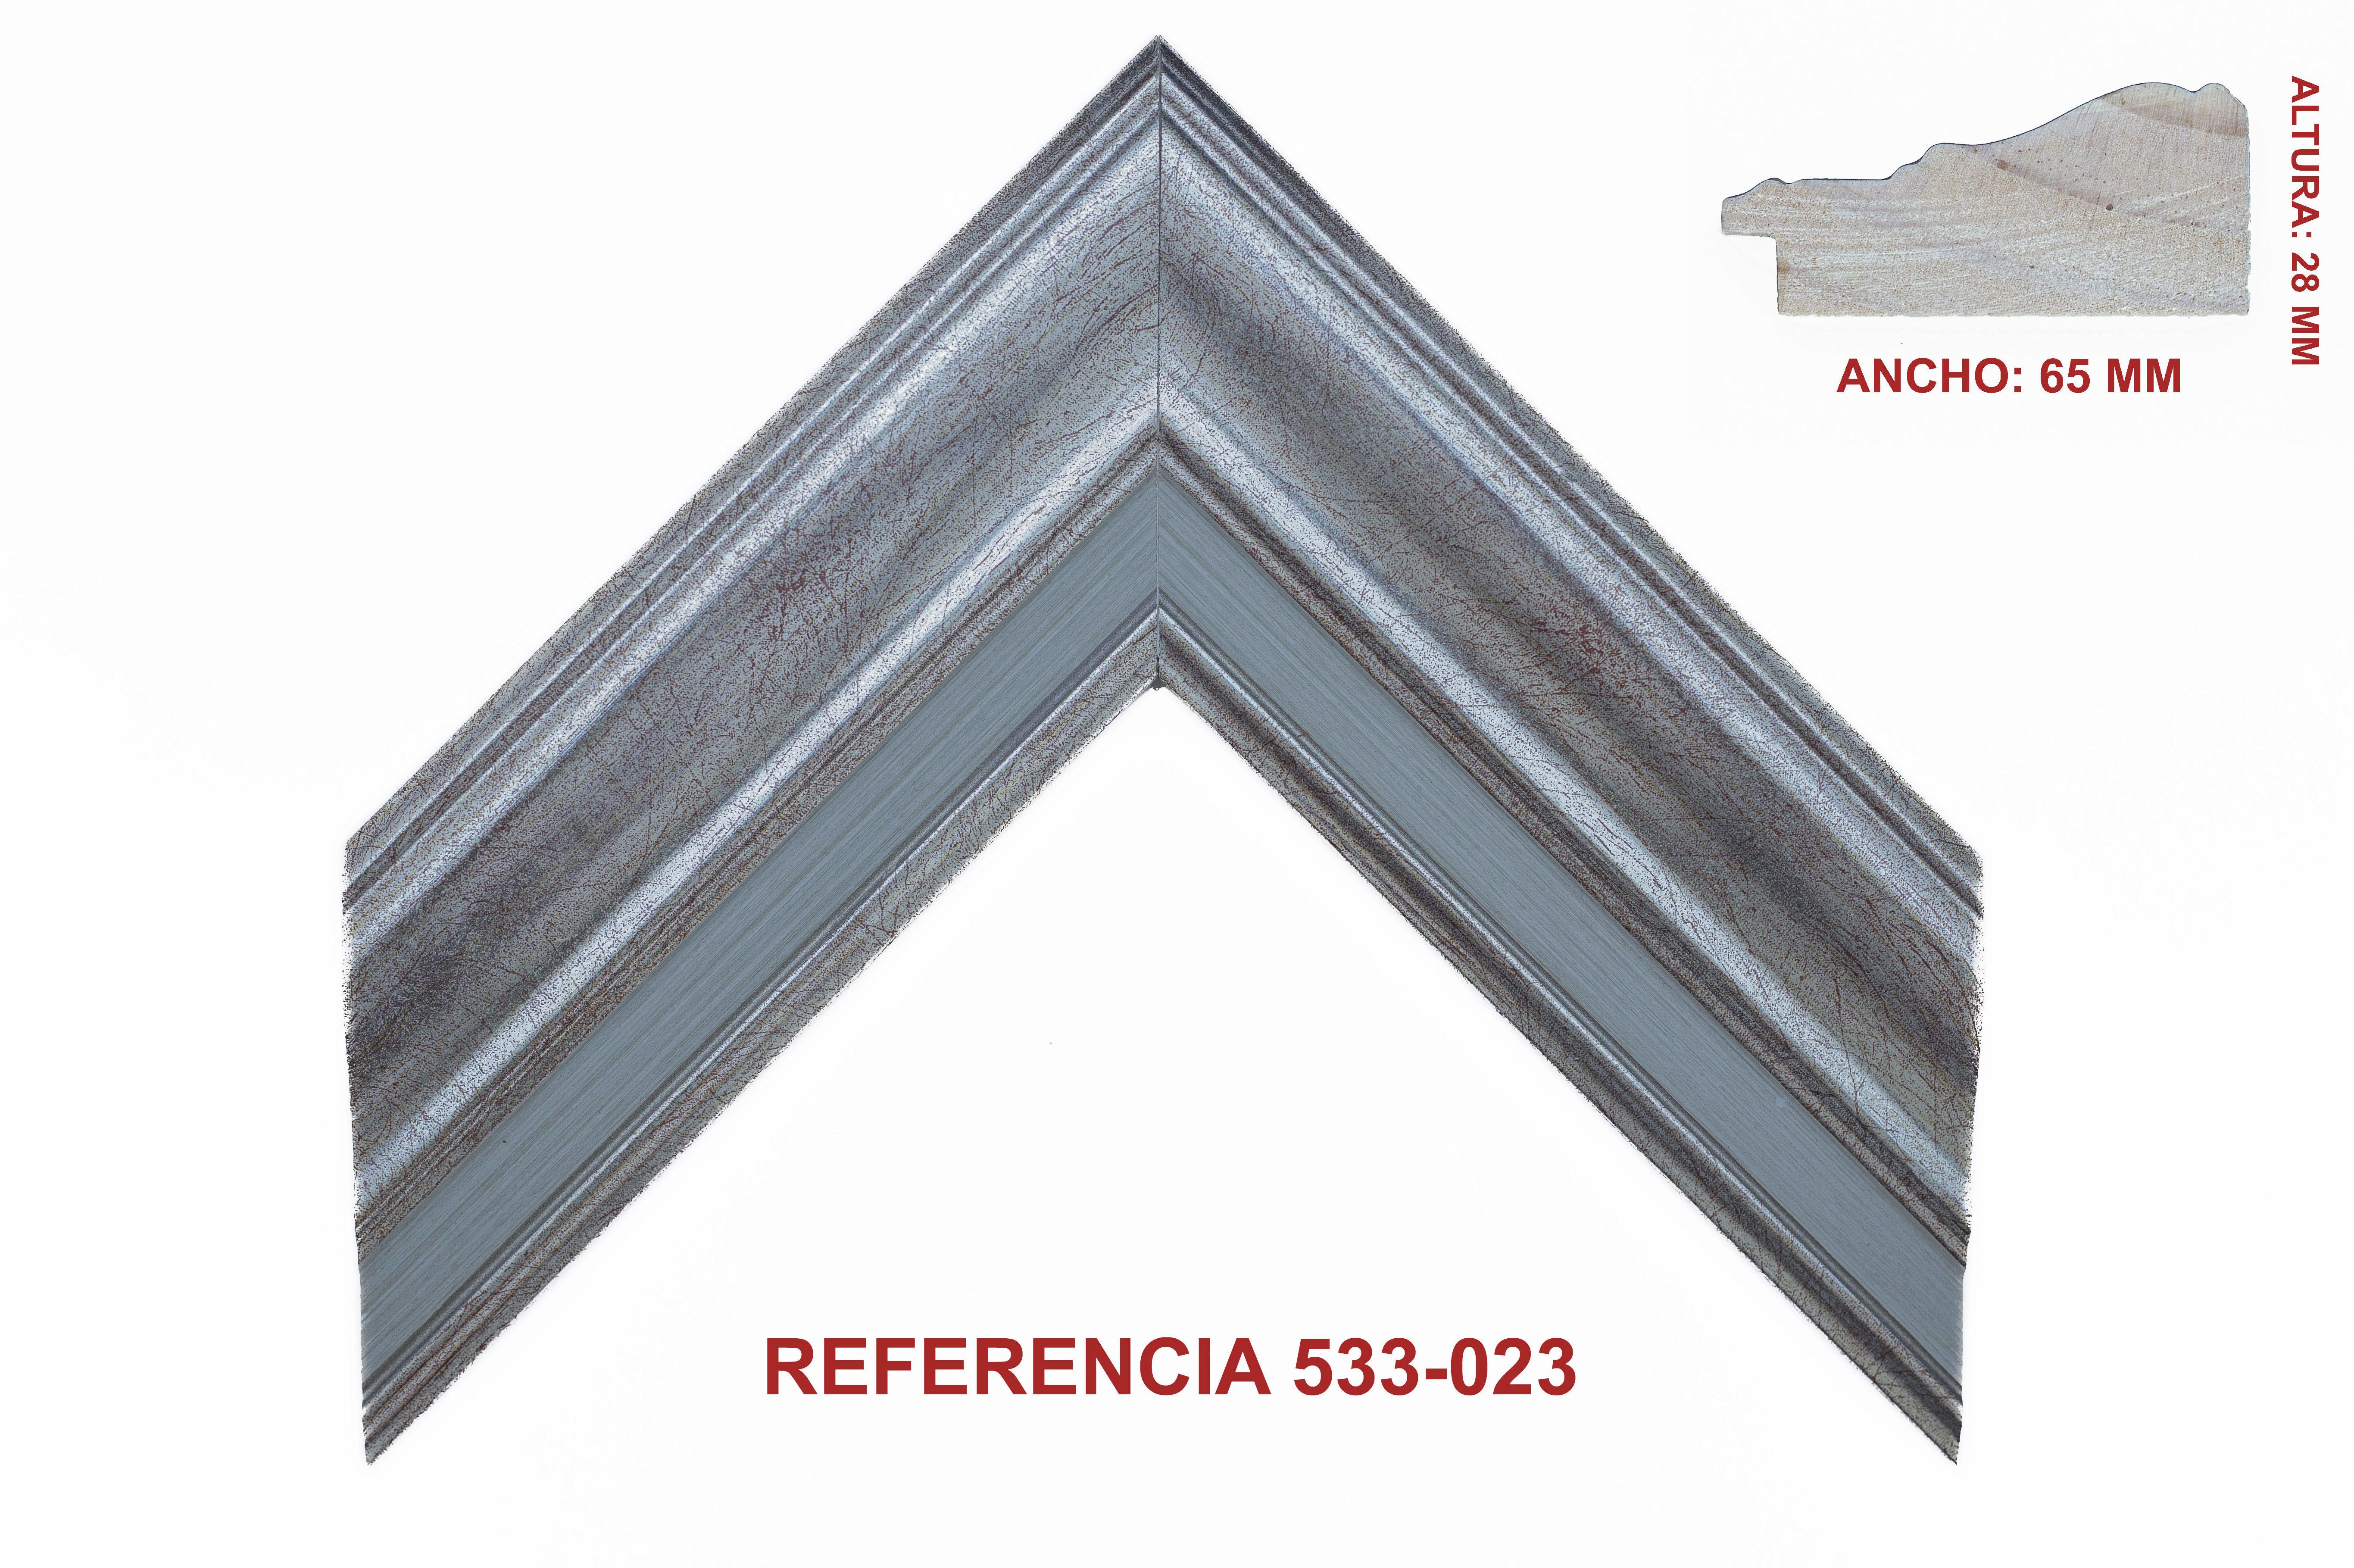 REF 533-023: Muestrario de Moldusevilla